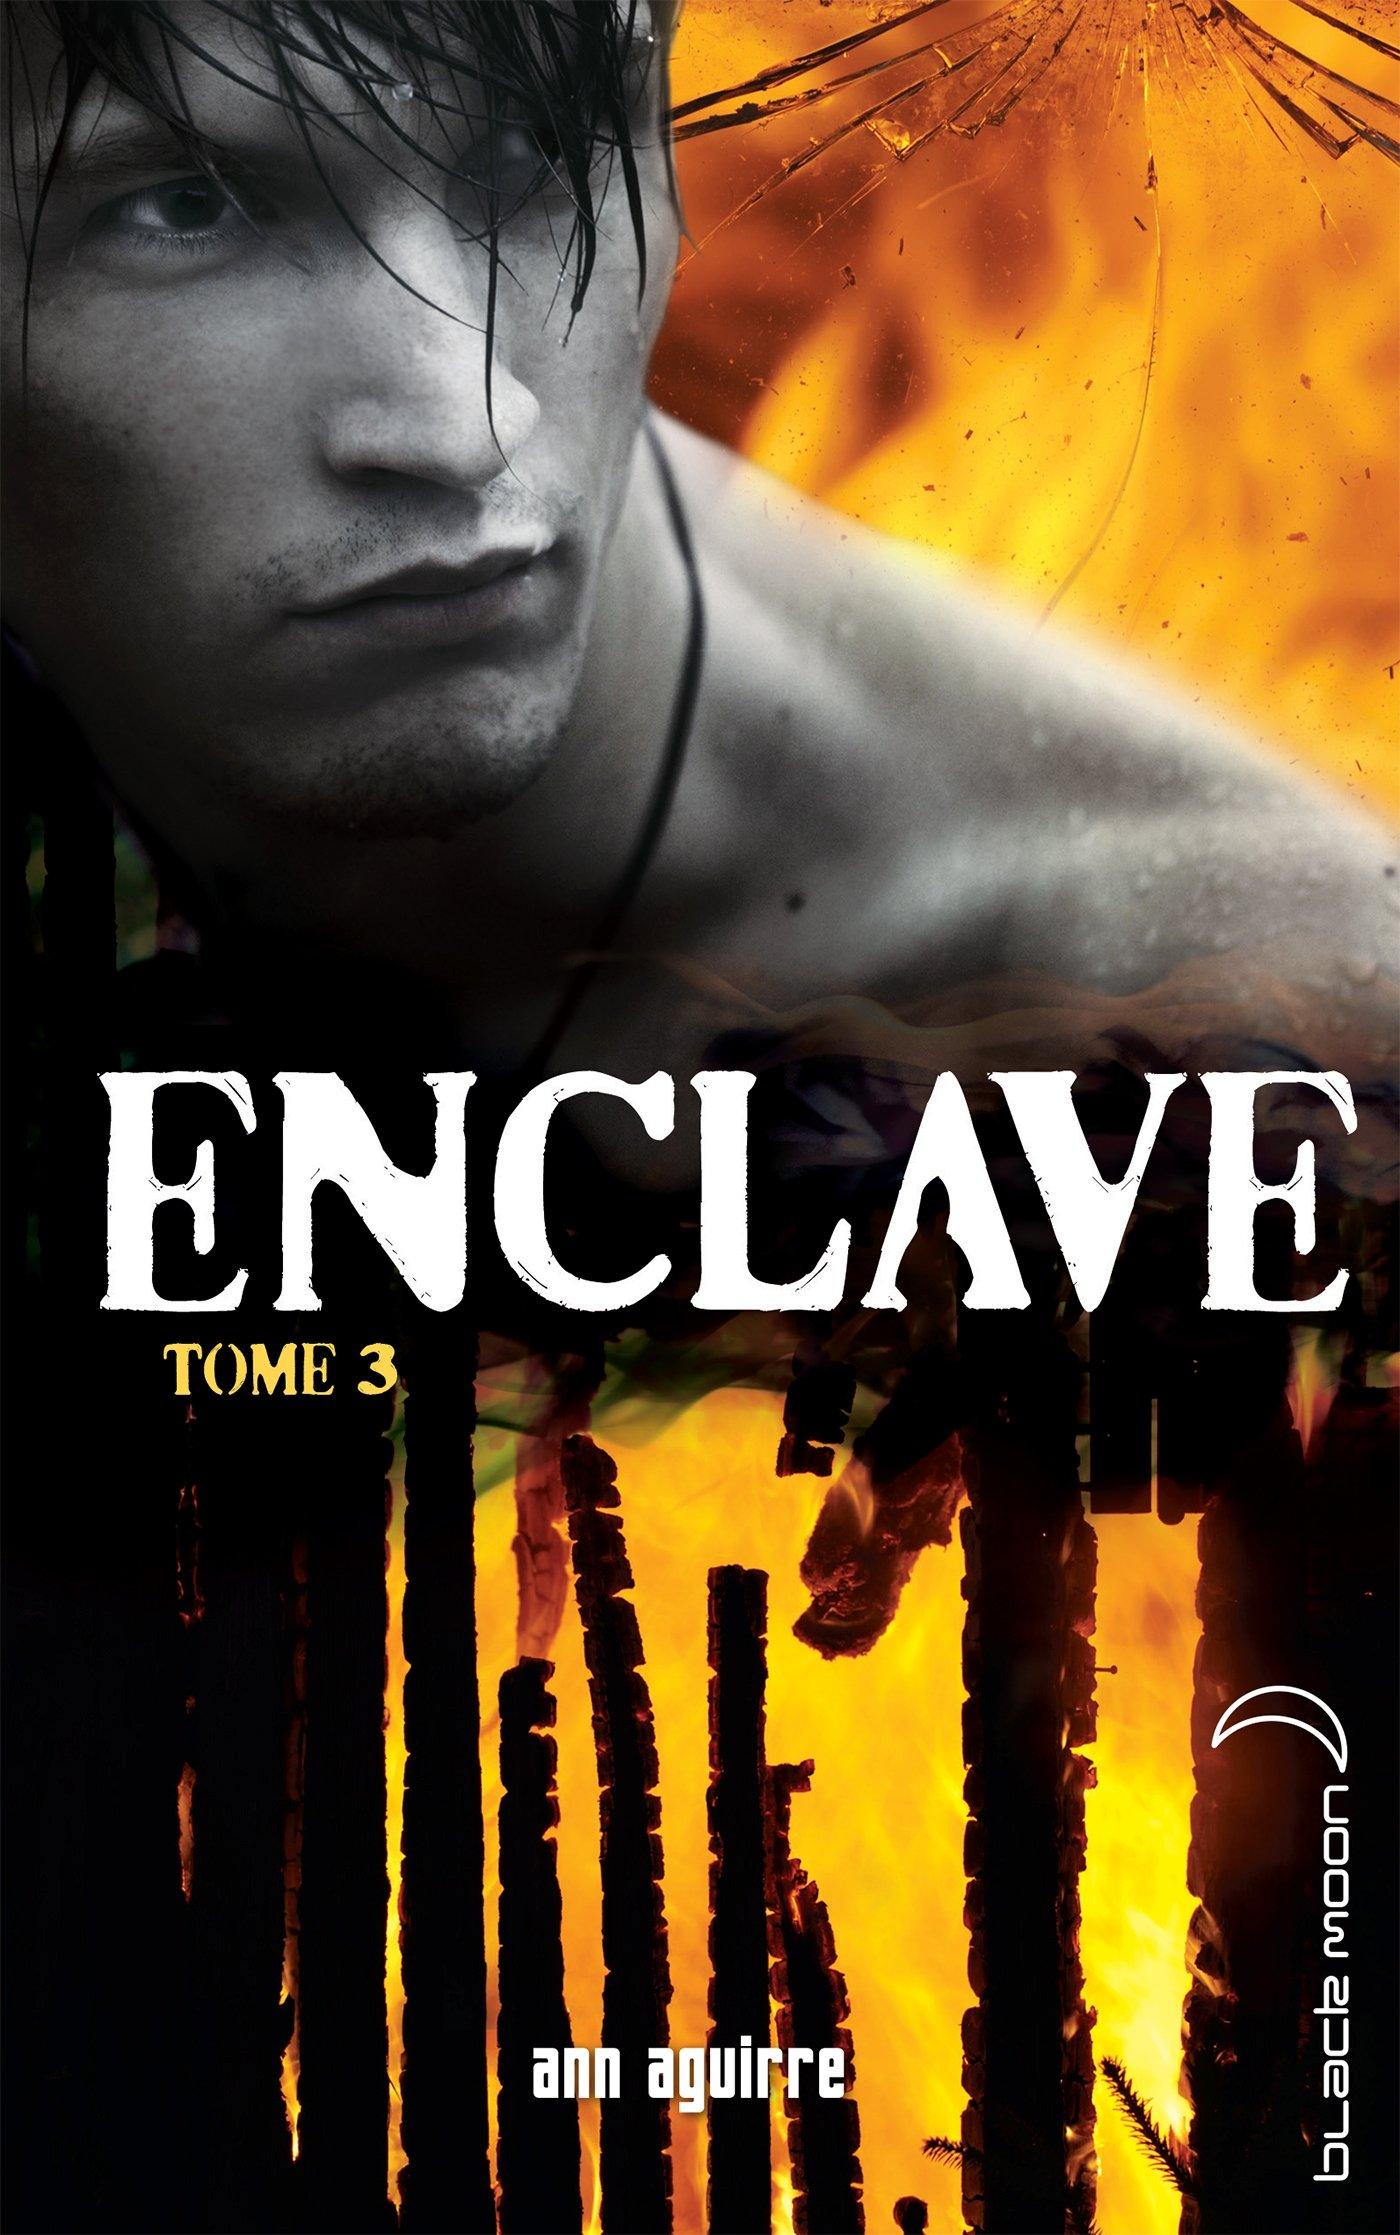 Enclave - Ann Aguirre 81pdHmP3AeL